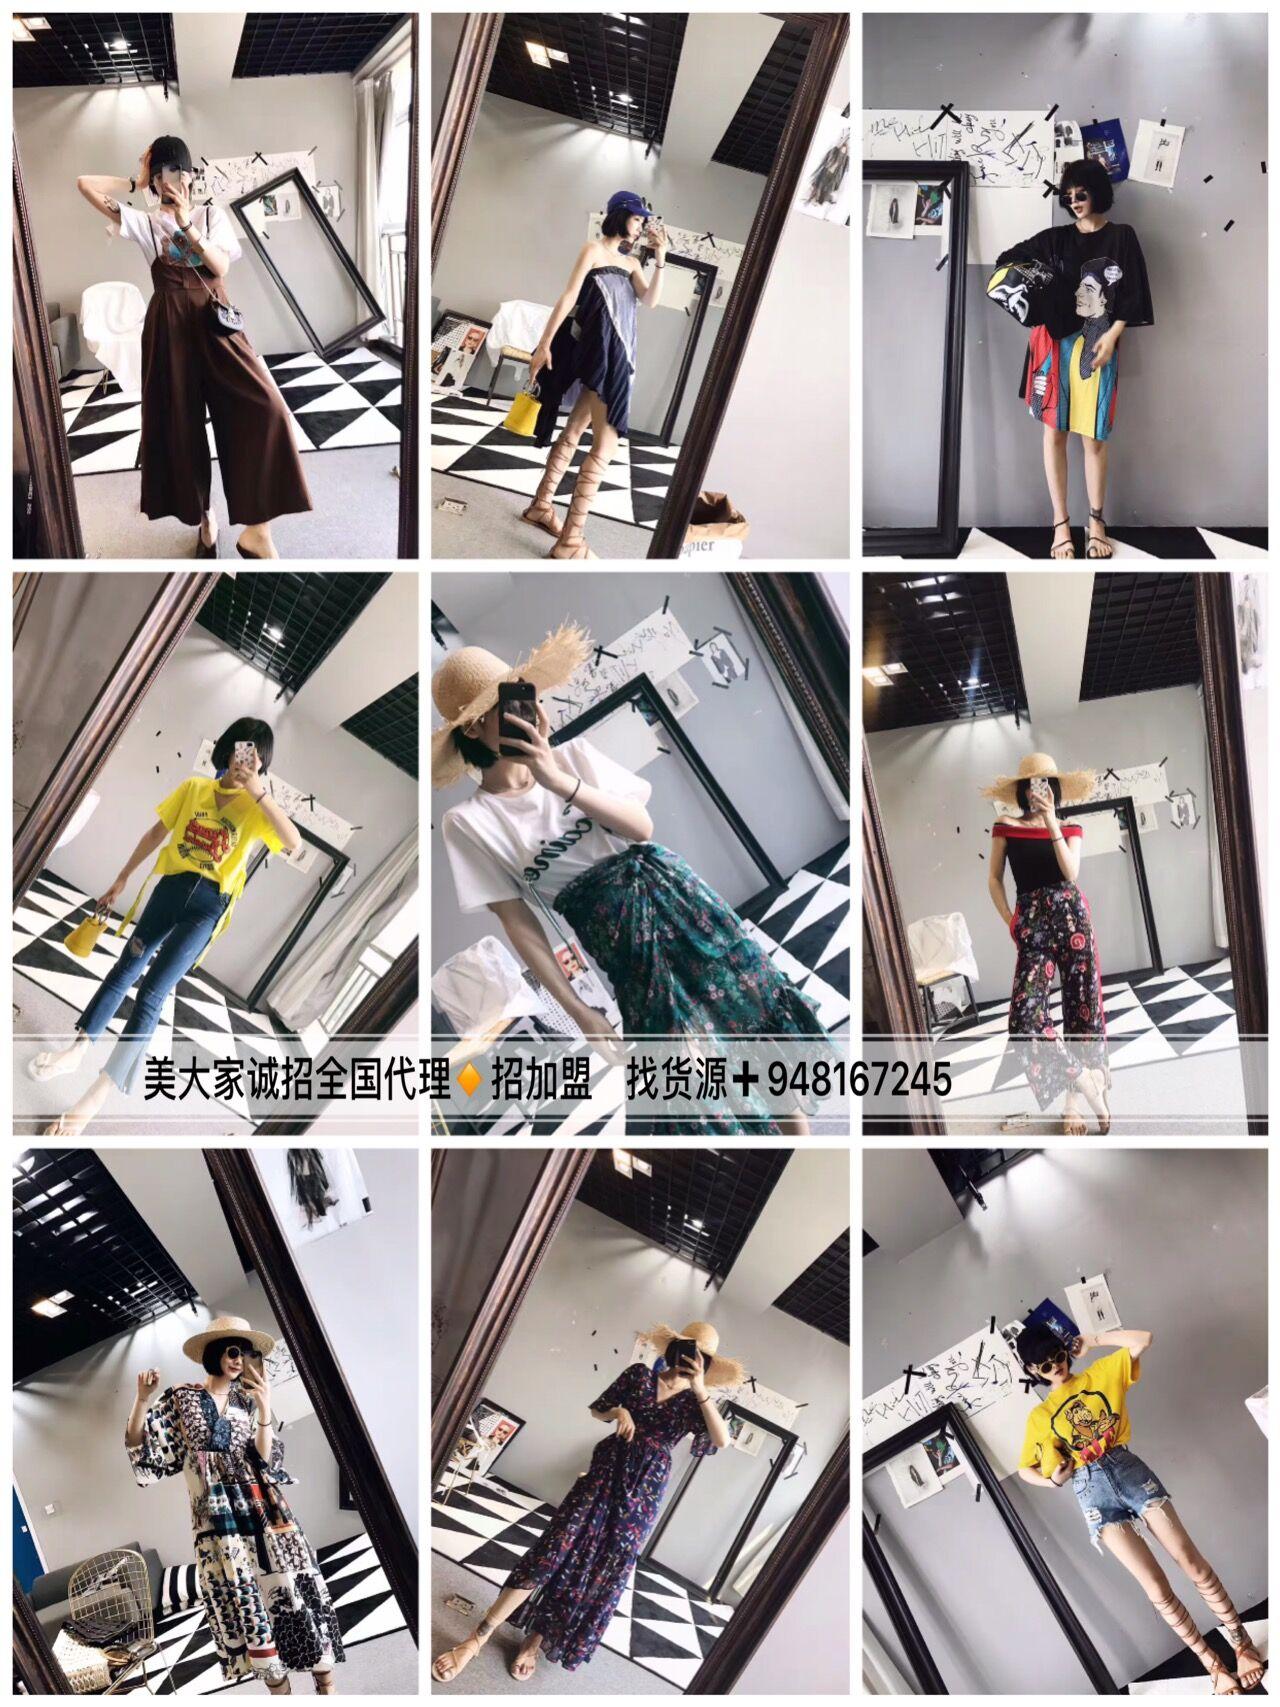 这是第8张女装欧美日韩泰国多种款式选择的货源图片